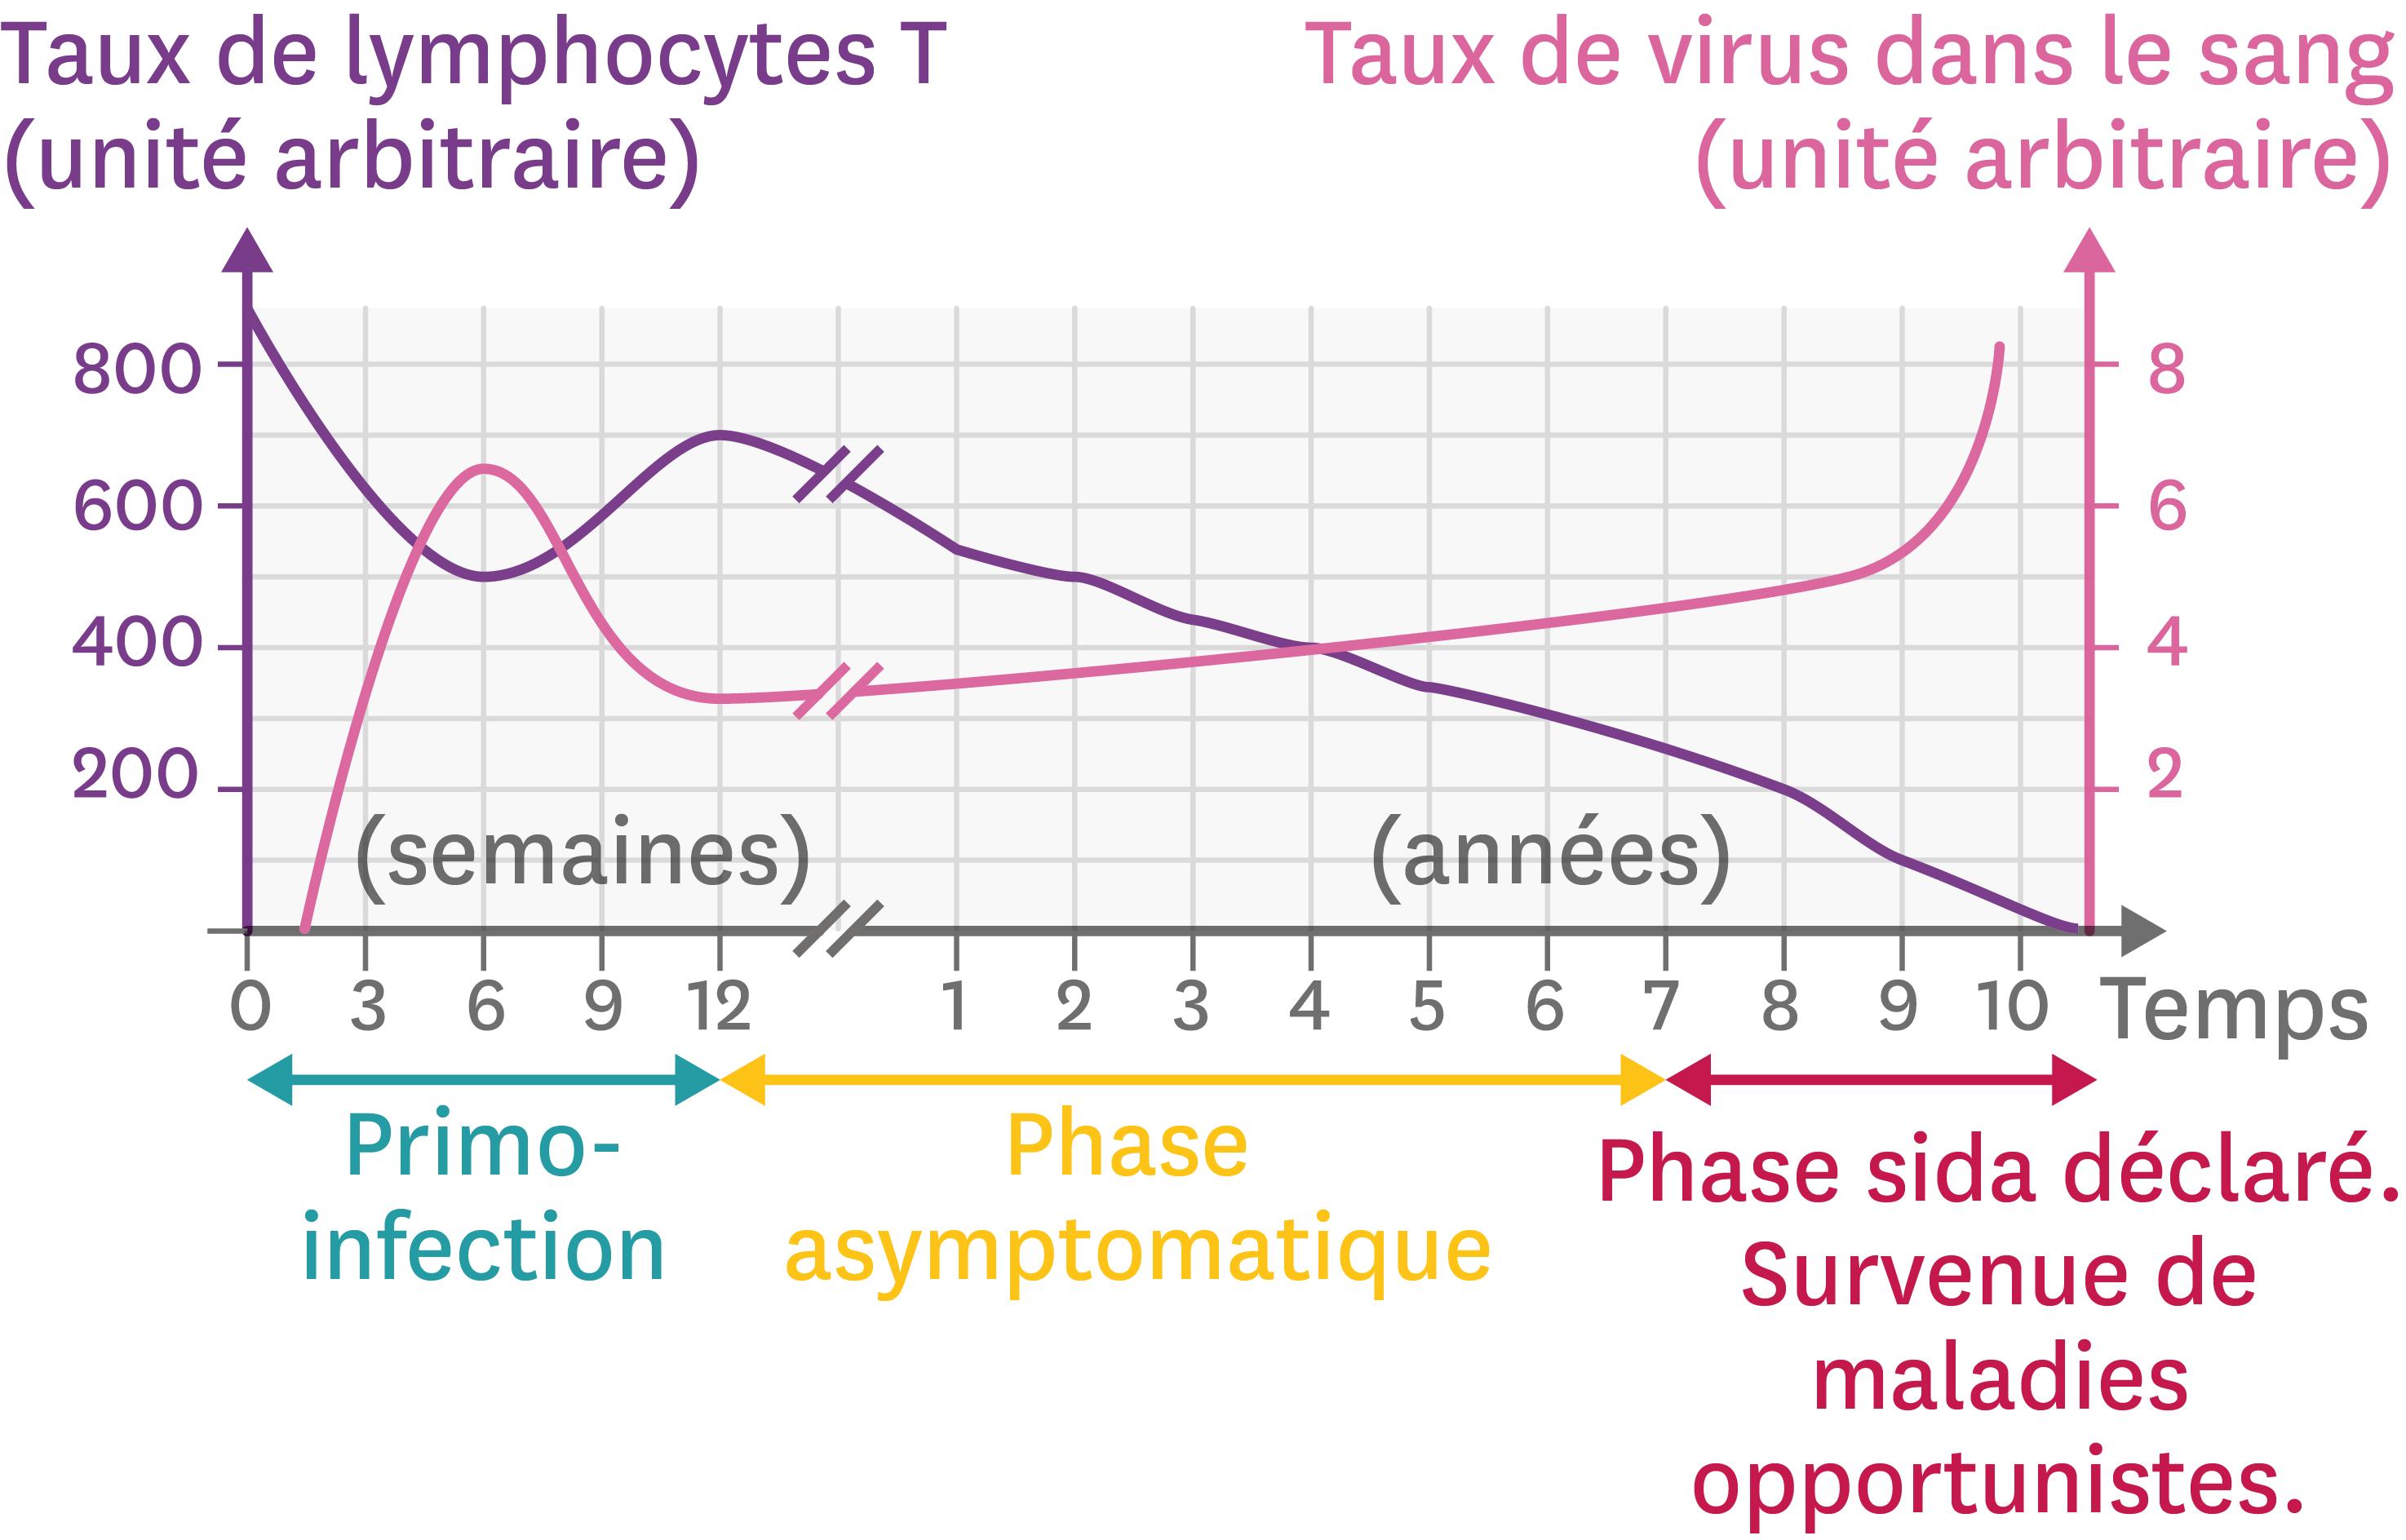 L'évolution de l'infection par le VIH en fonction du temps.